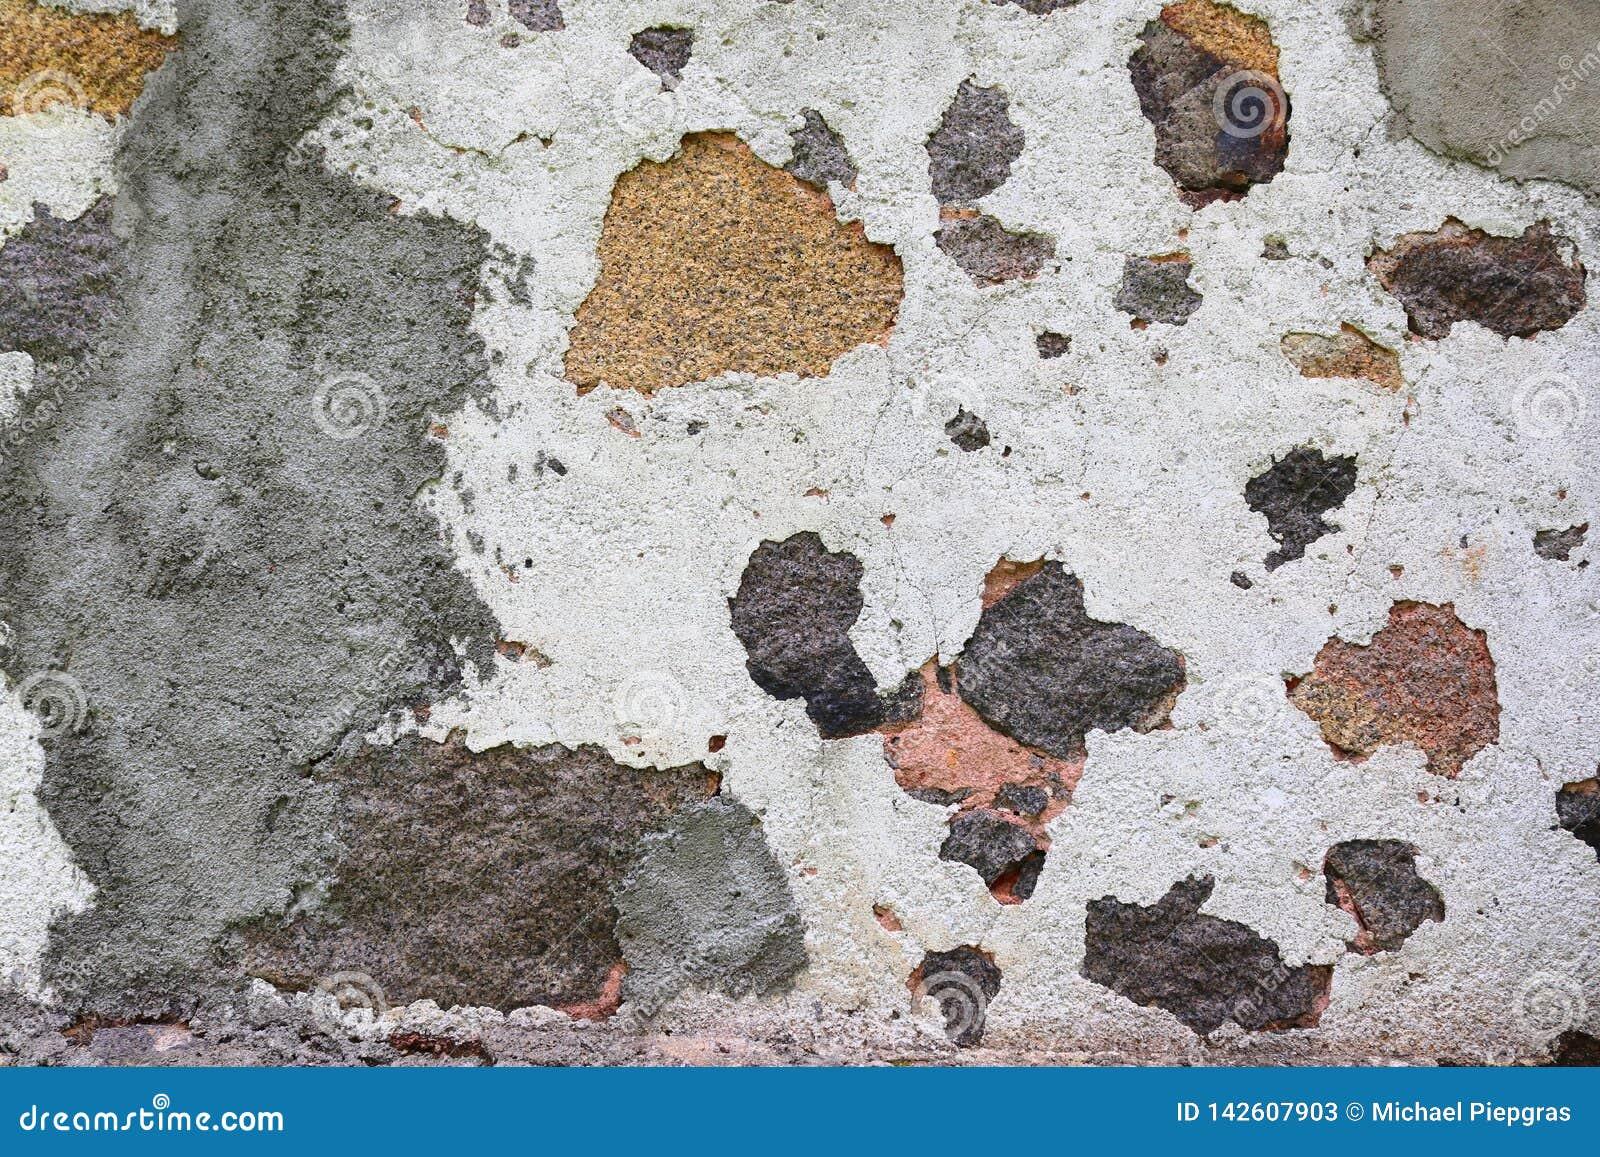 Κλείστε επάνω την επιφάνεια υψηλής ανάλυσης του ηλικίας και ξεπερασμένου χρώματος σε έναν τοίχο